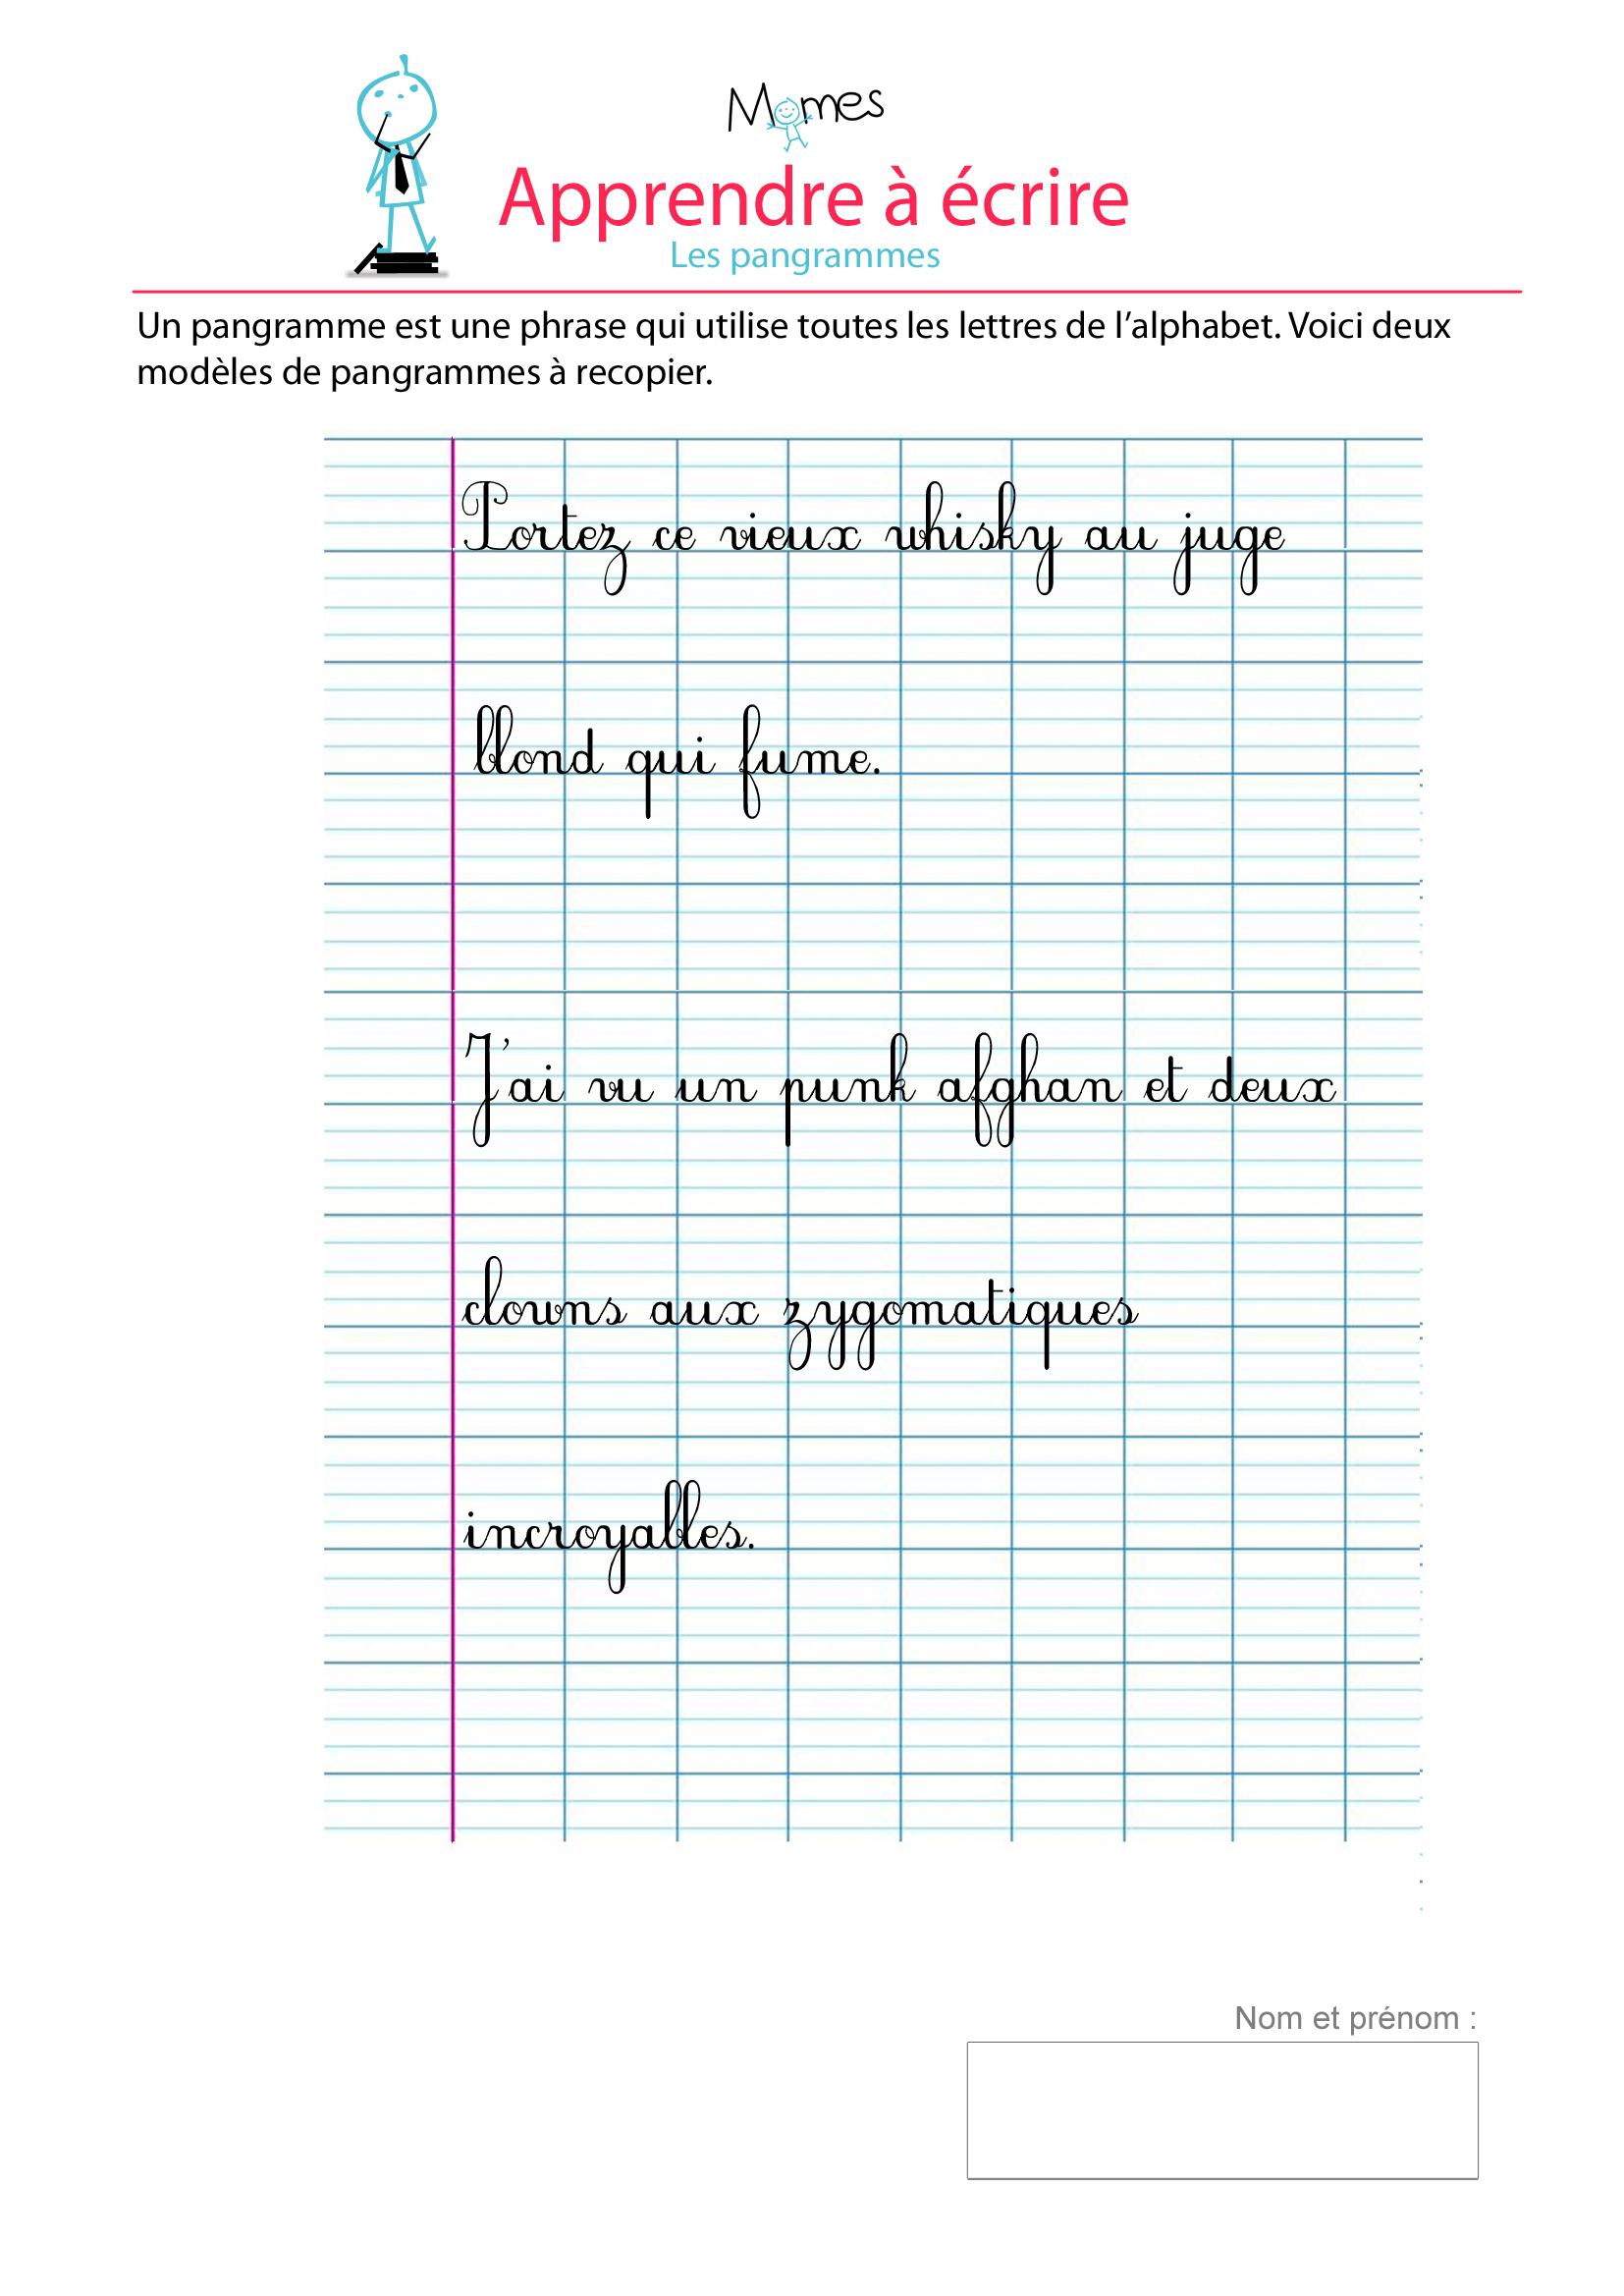 Pangrammes - Exercice De Modèle D'écriture - Momes destiné Exercice Pour Apprendre L Alphabet En Maternelle